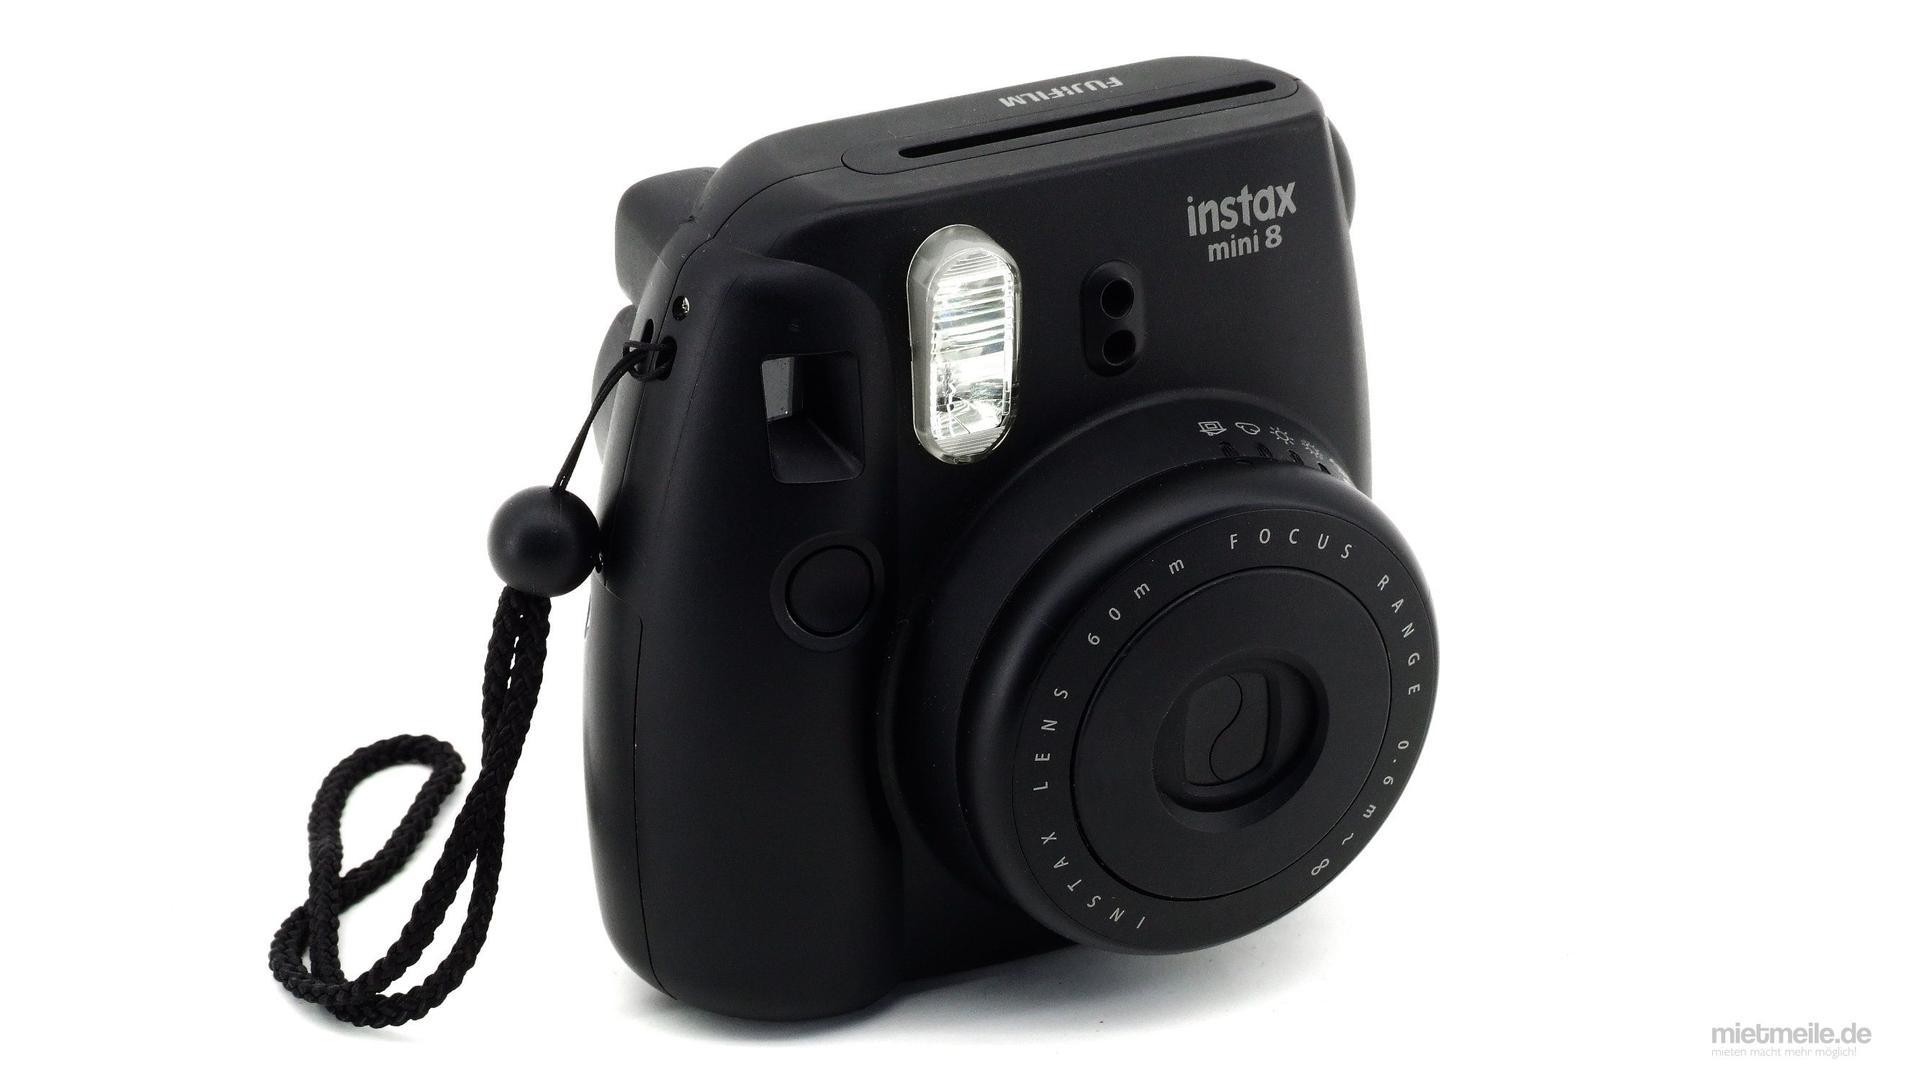 Fotokamera mieten & vermieten - Sofortbildkamera Polaroid Kamera Instax in Schkeuditz